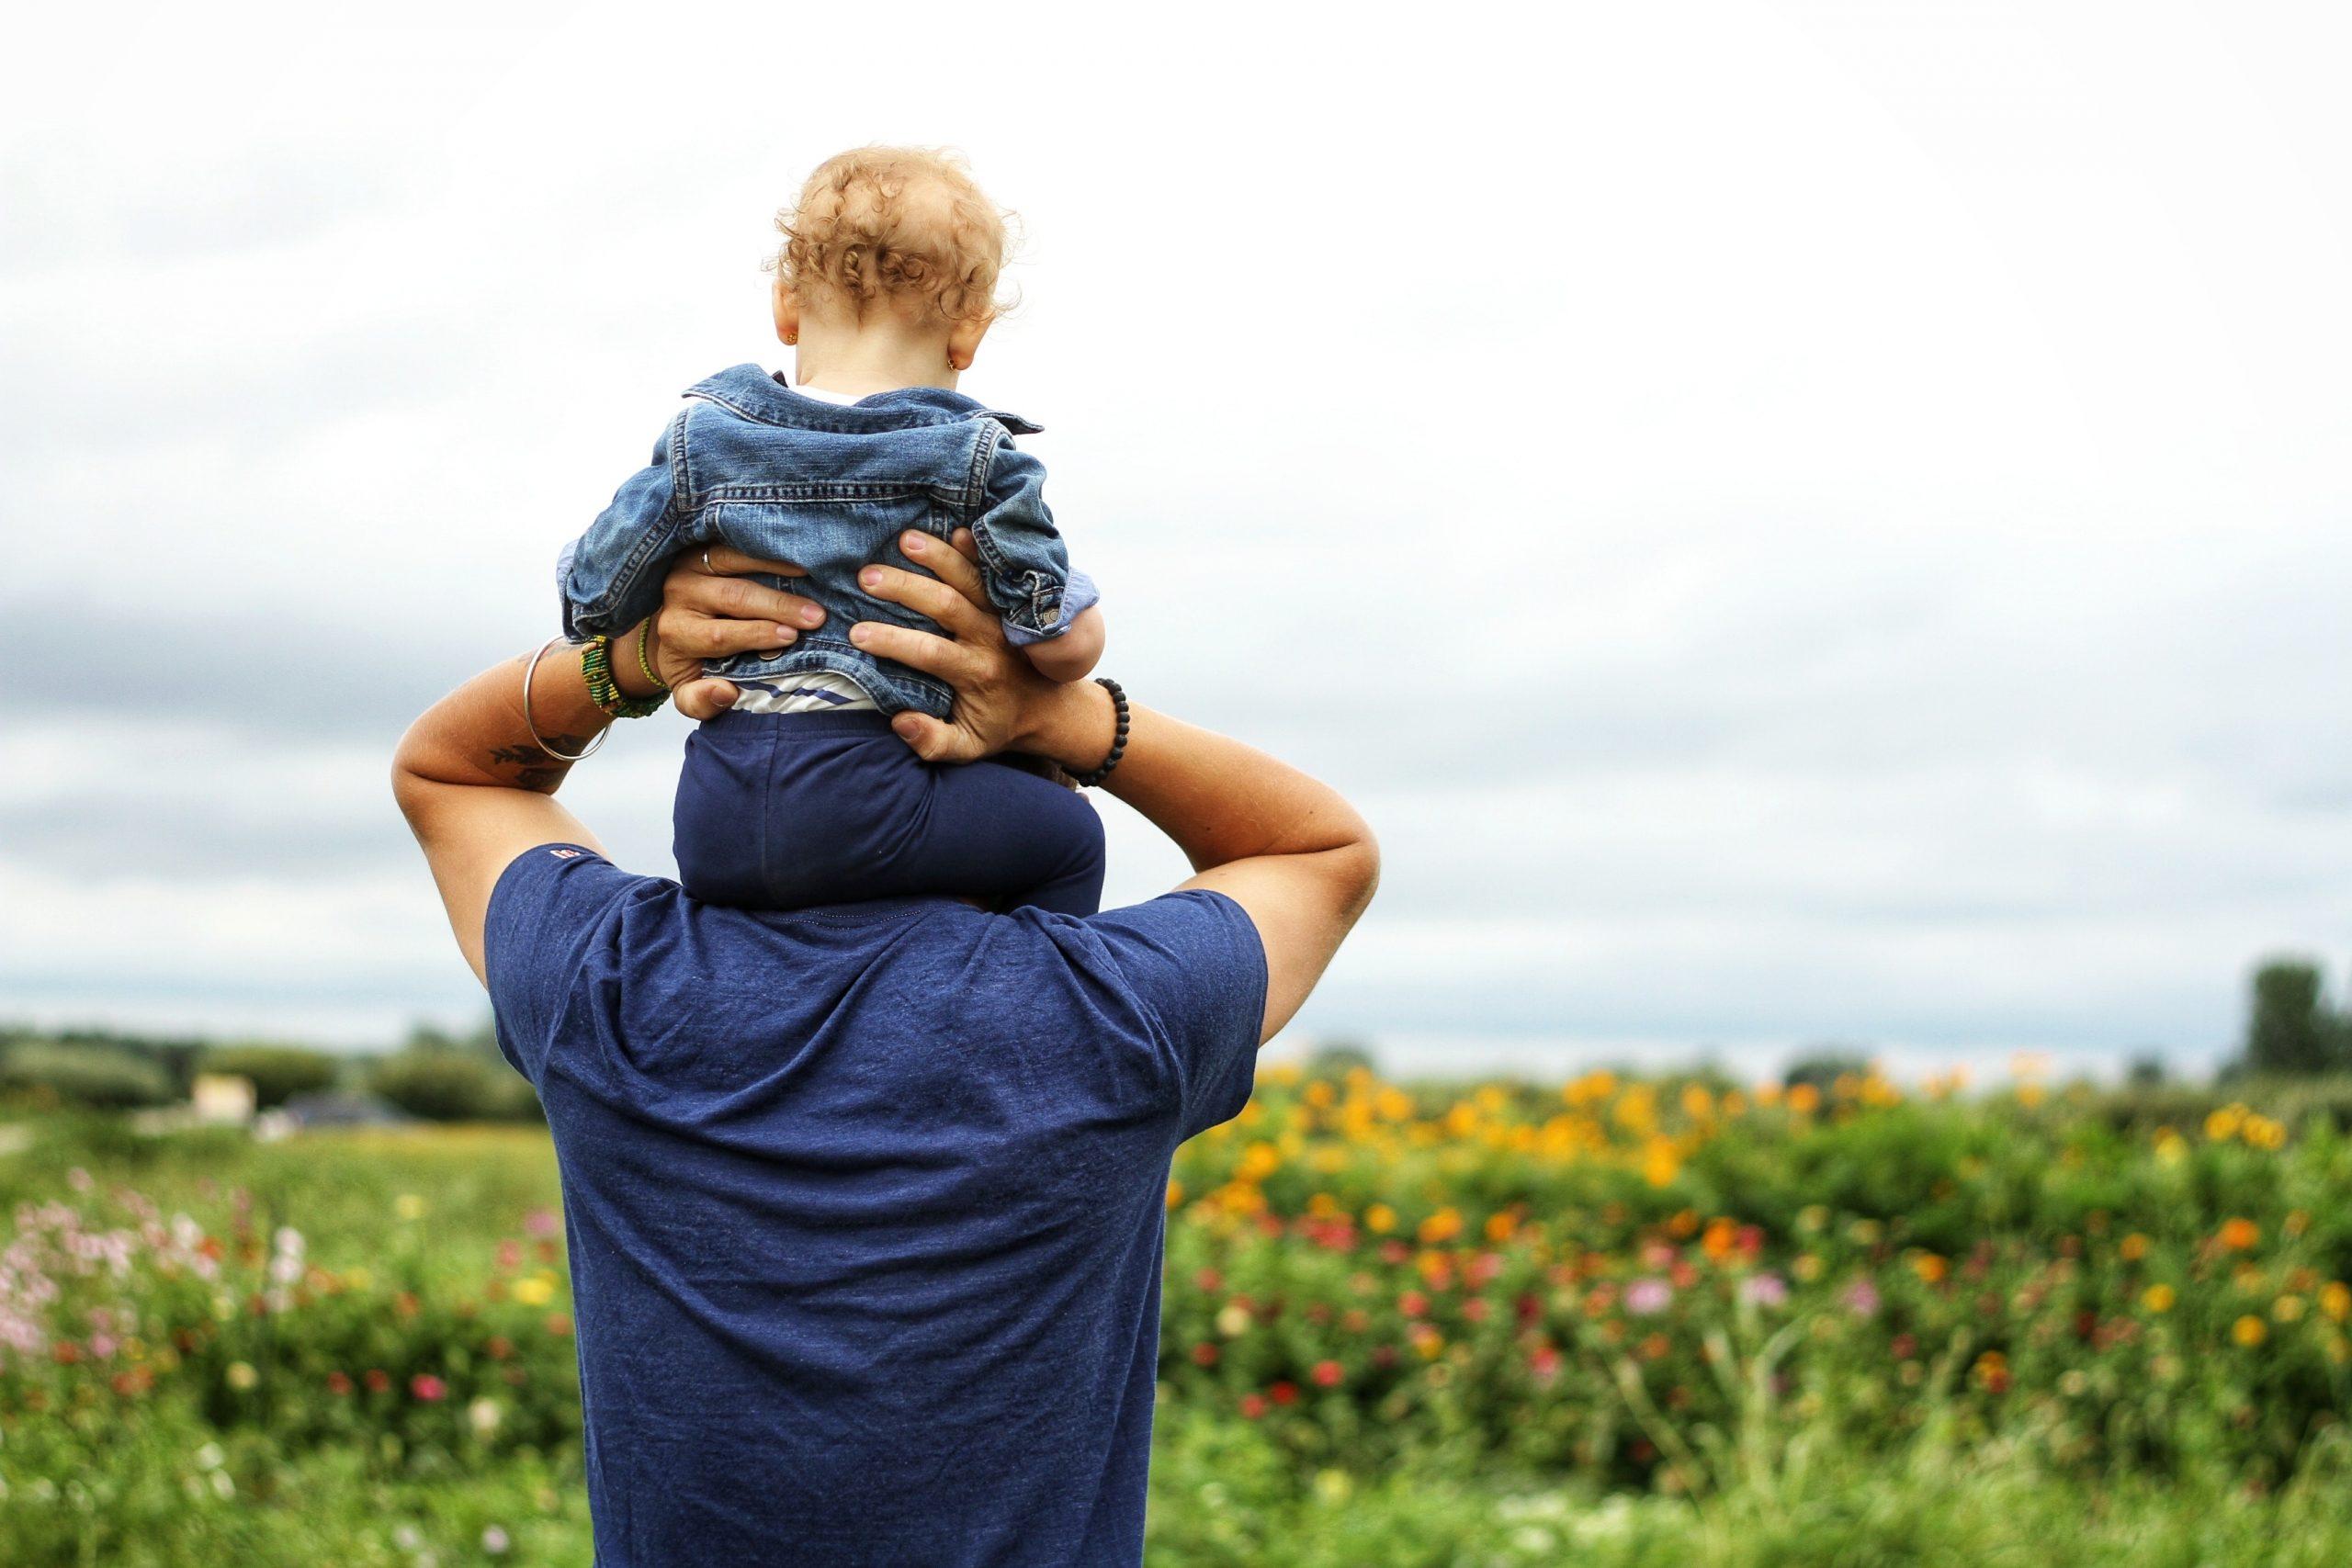 Foto notícia - O Dia dos Pais